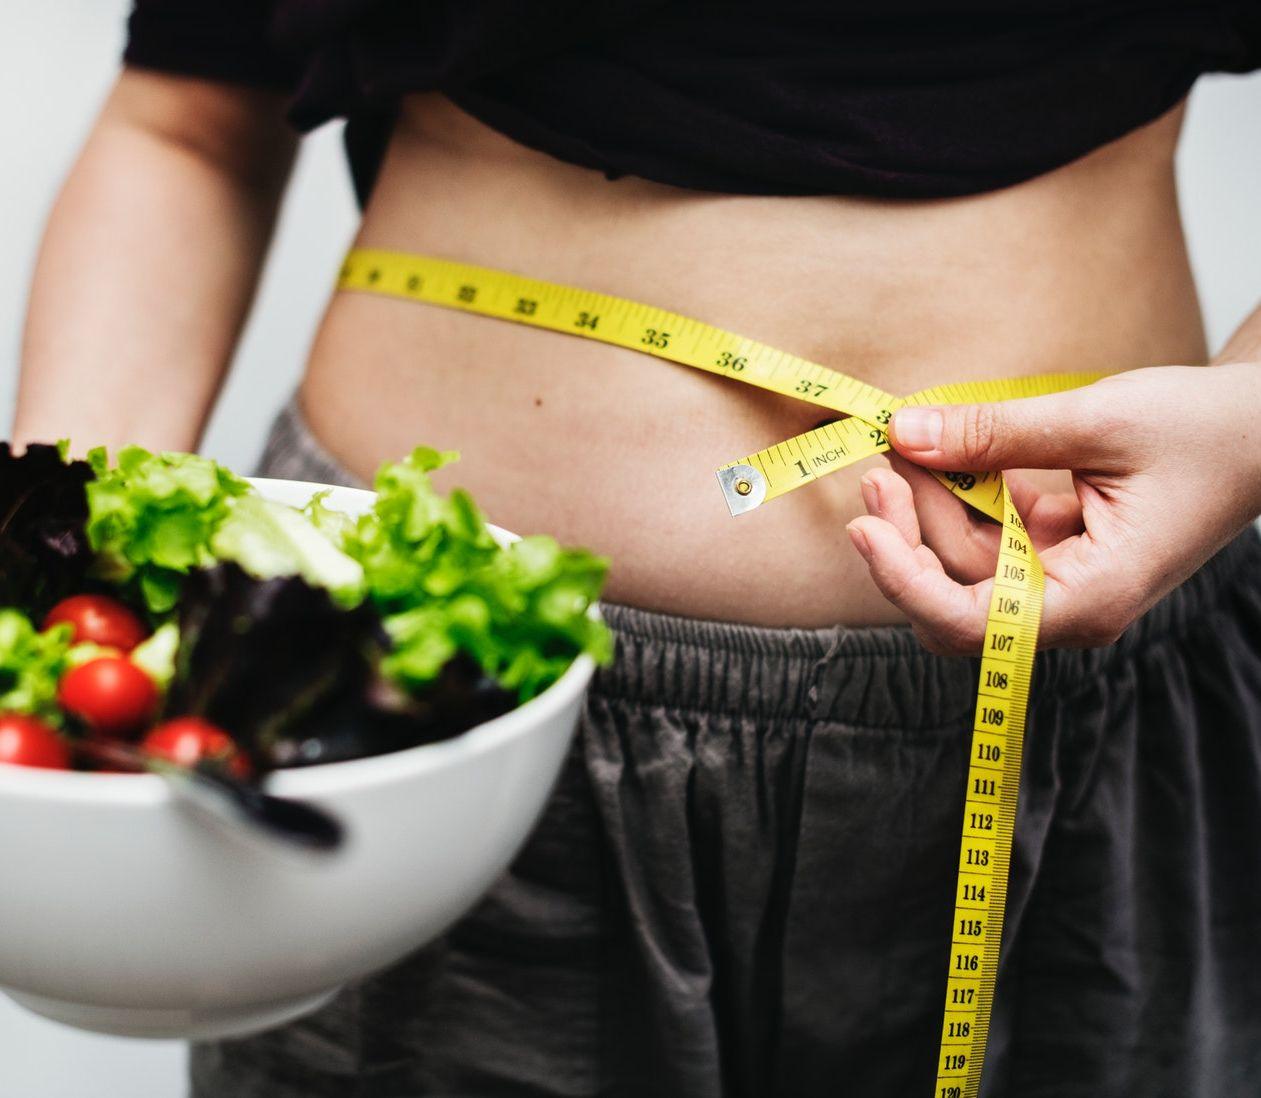 Čo jesť a čo nie? Vyhnite sa nadváhe a obezite, pozrite, čo je dobré obmedziť